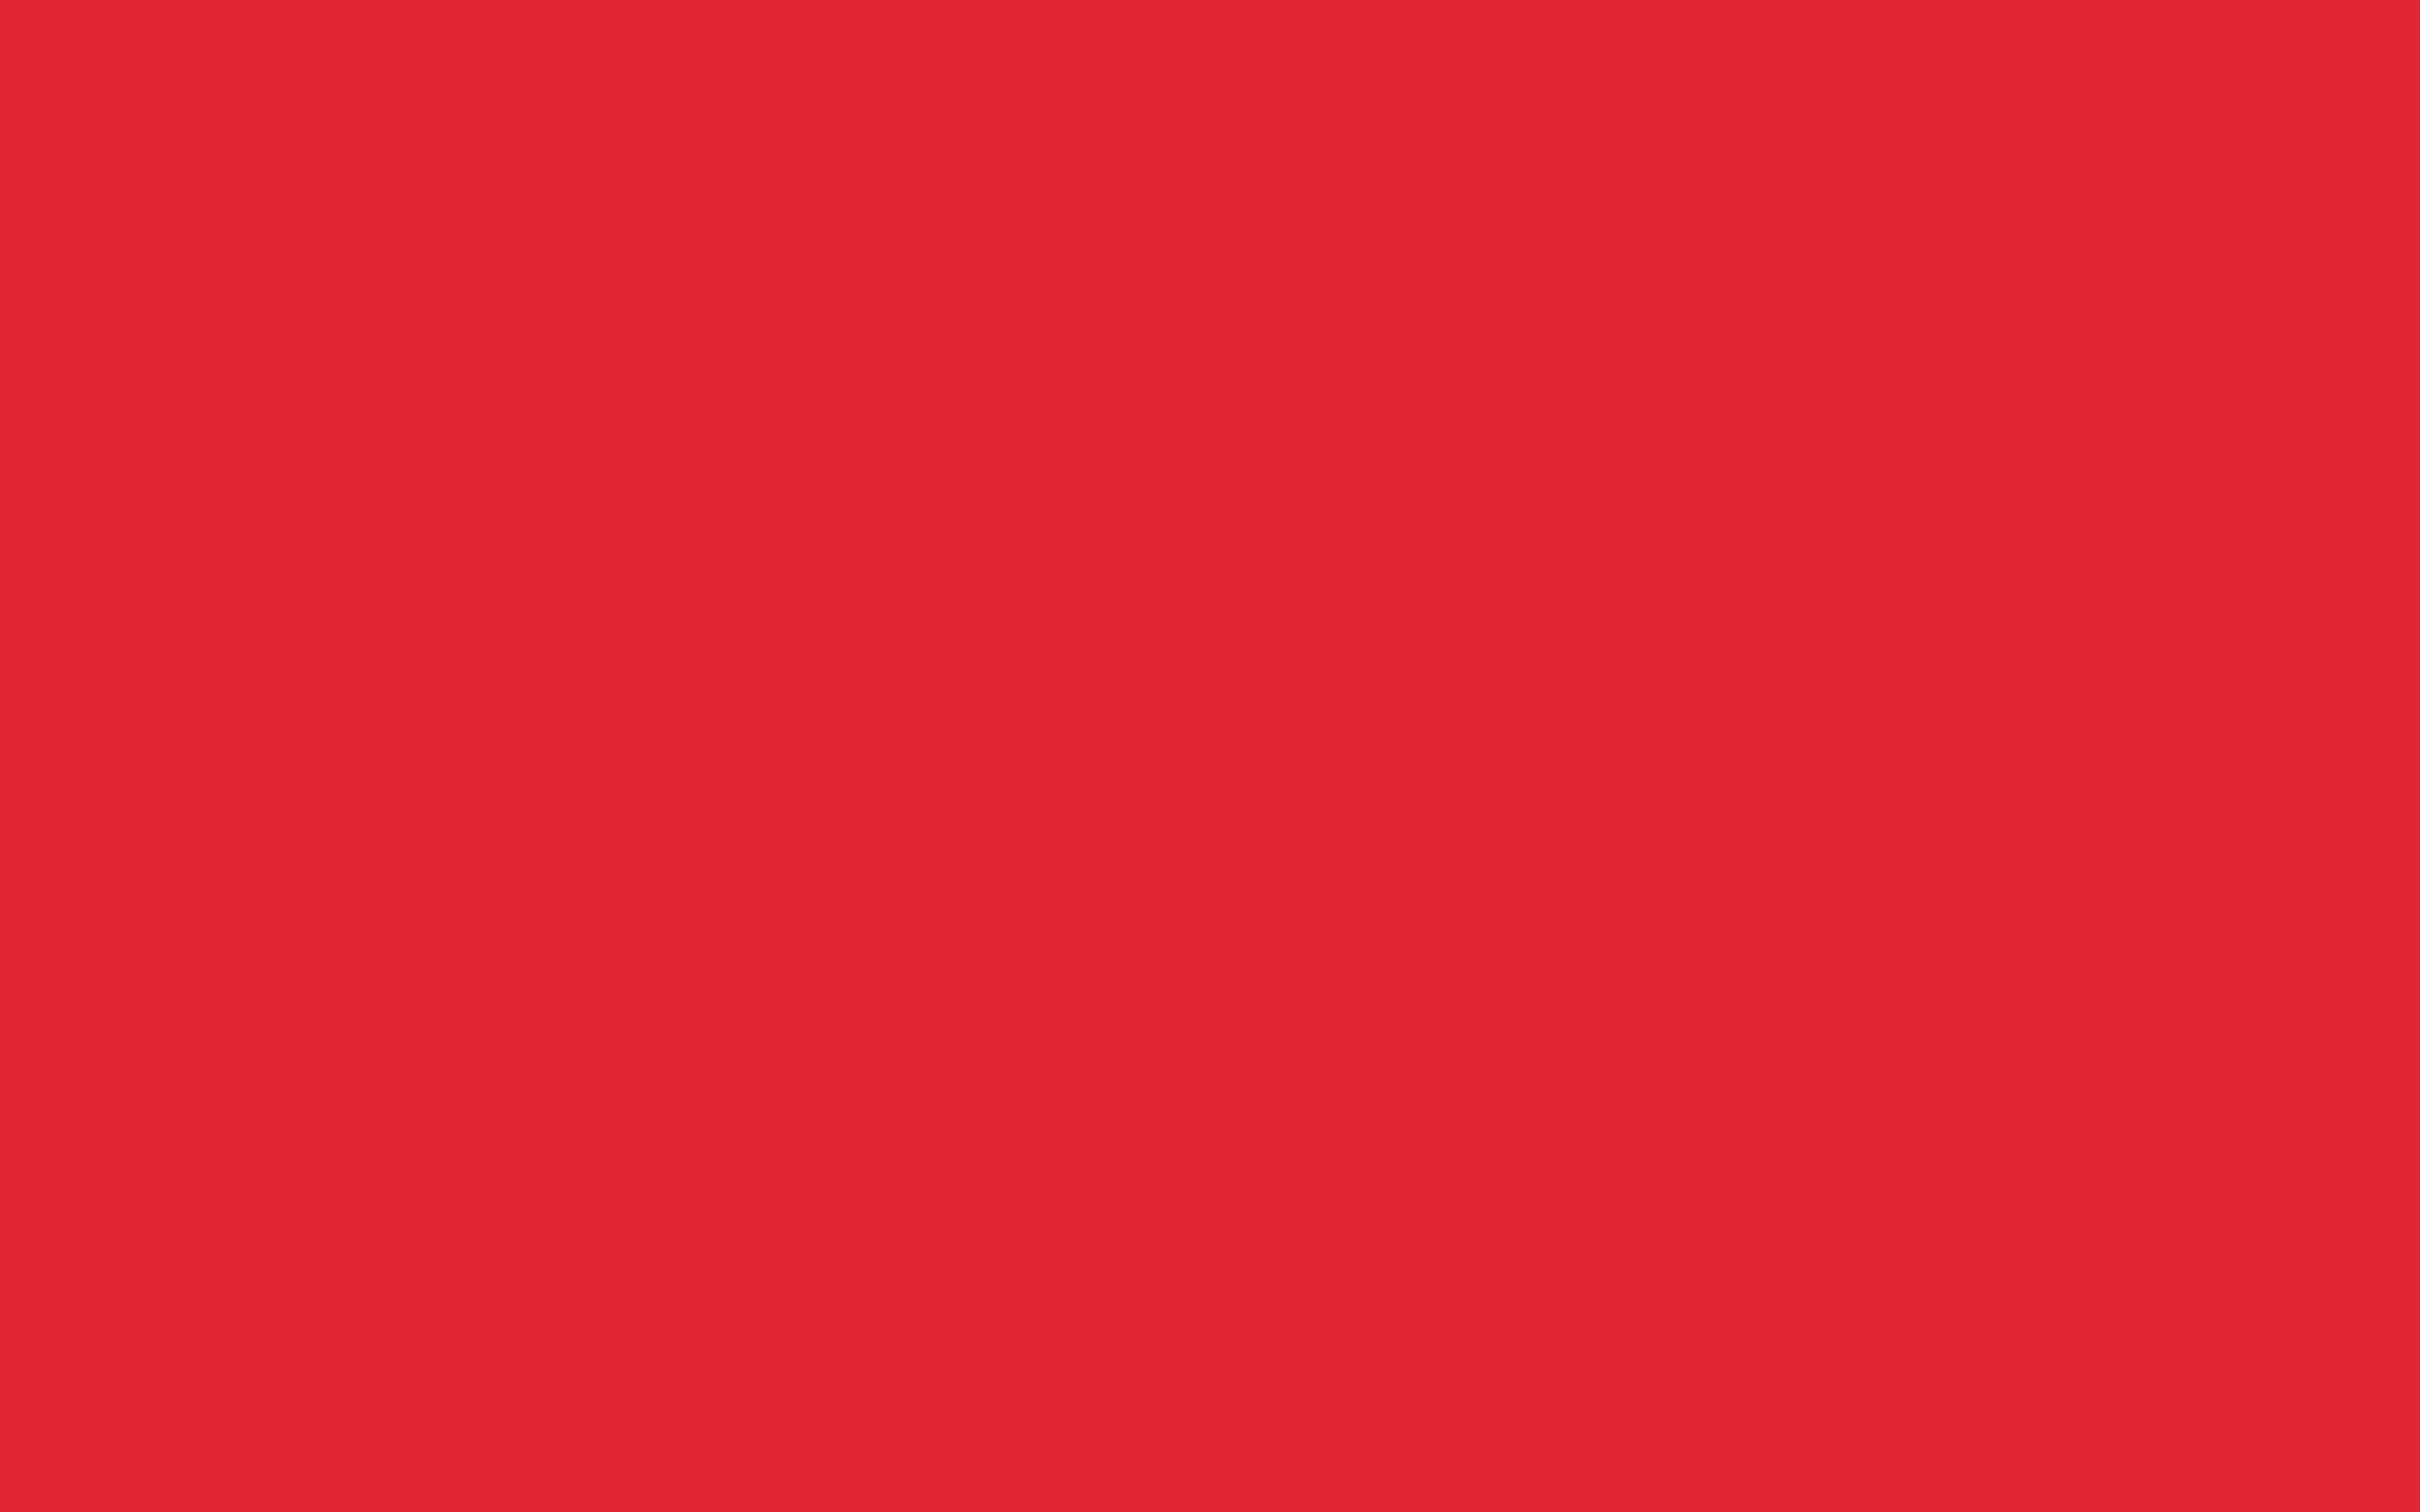 2560x1600 Alizarin Crimson Solid Color Background